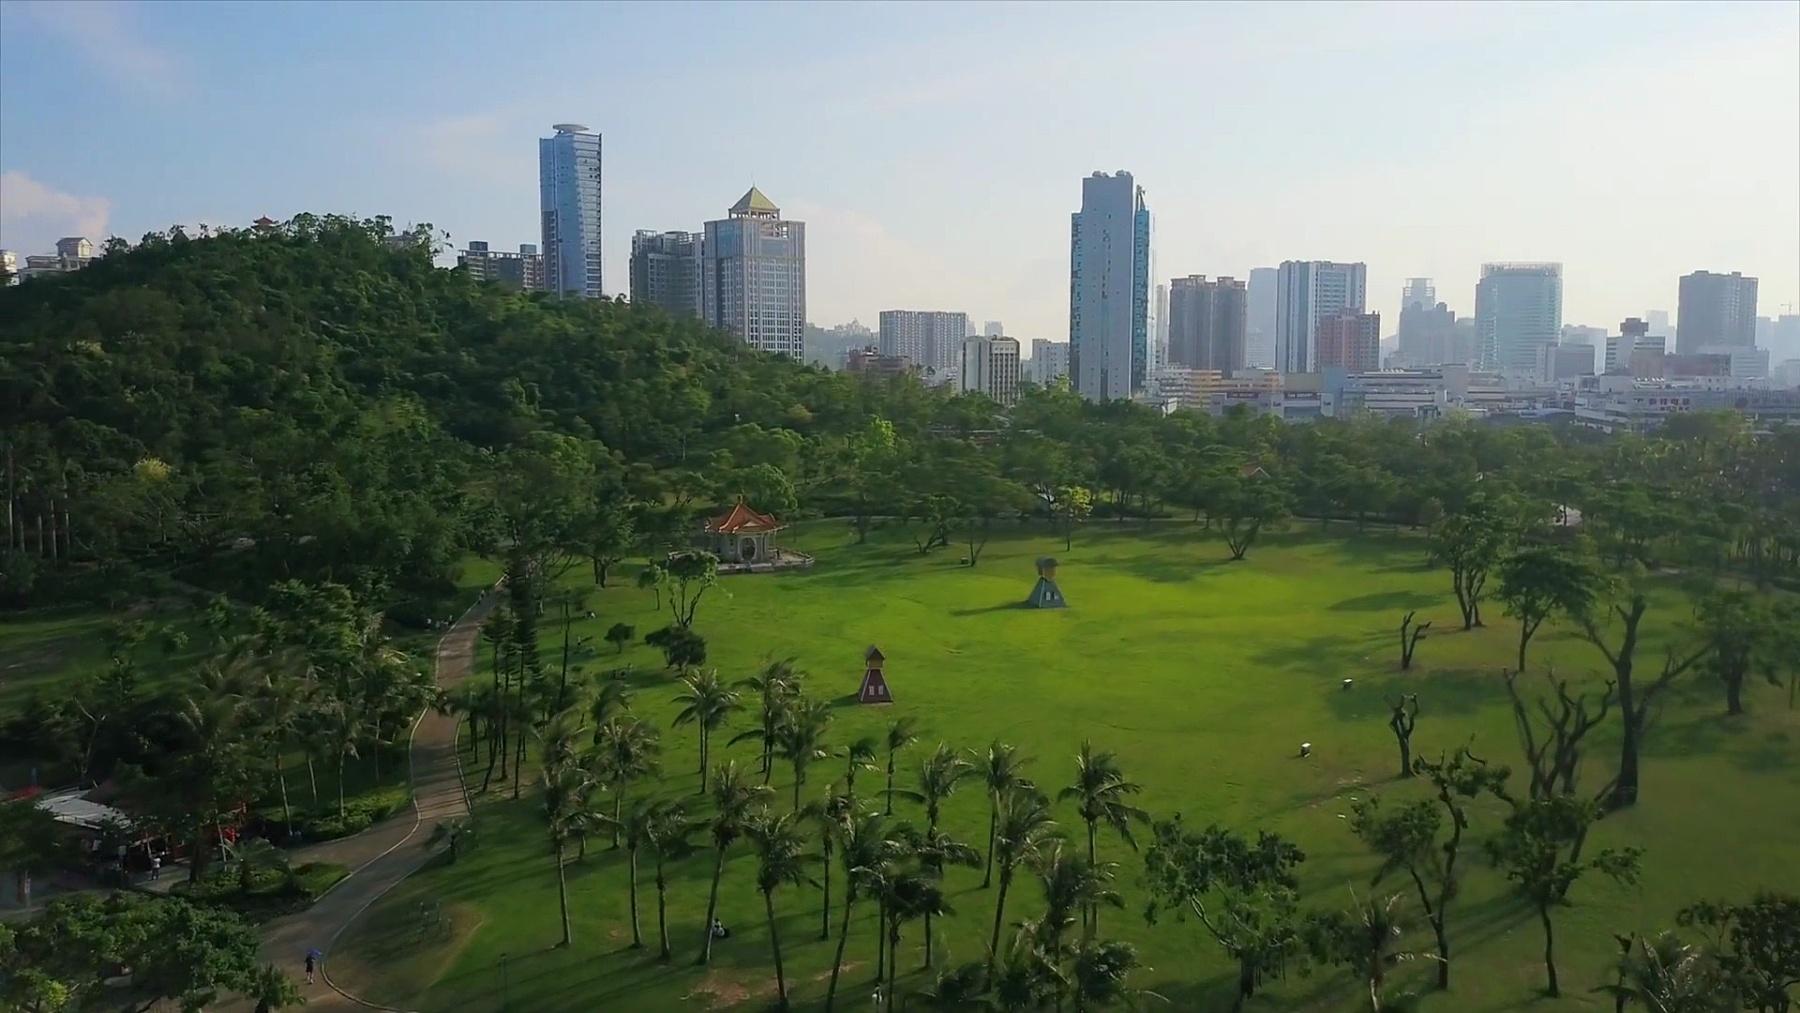 晴天珠海市著名景山公园城市景观航空全景 中国